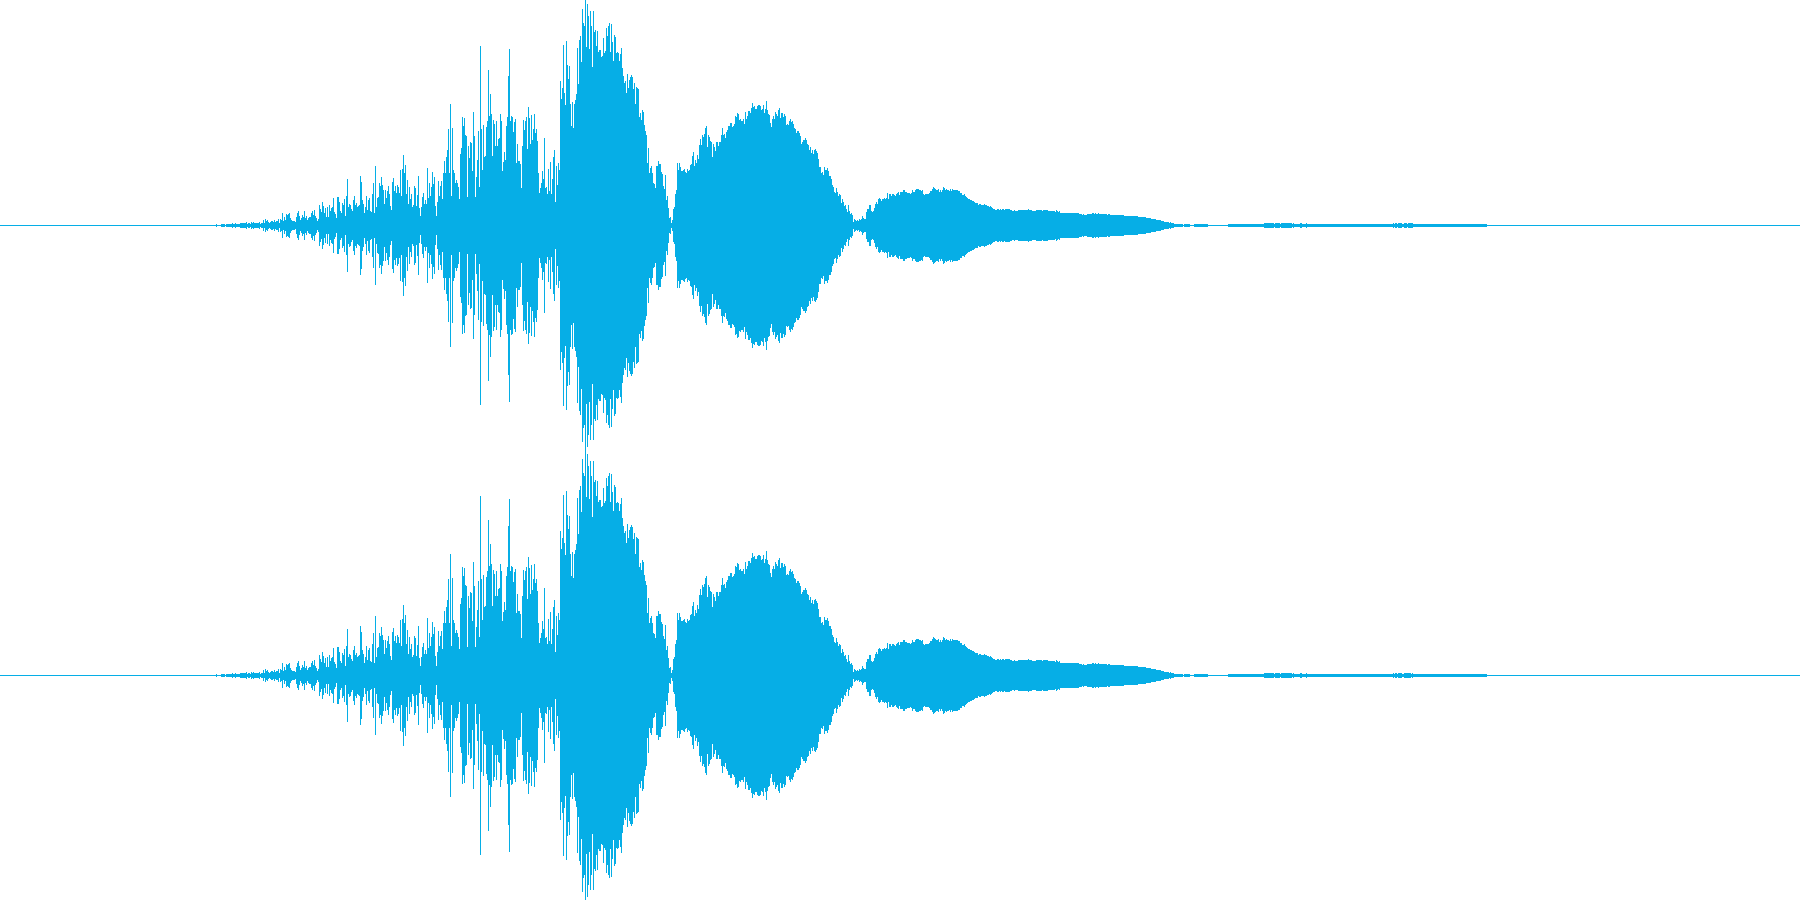 ヒュン!の再生済みの波形